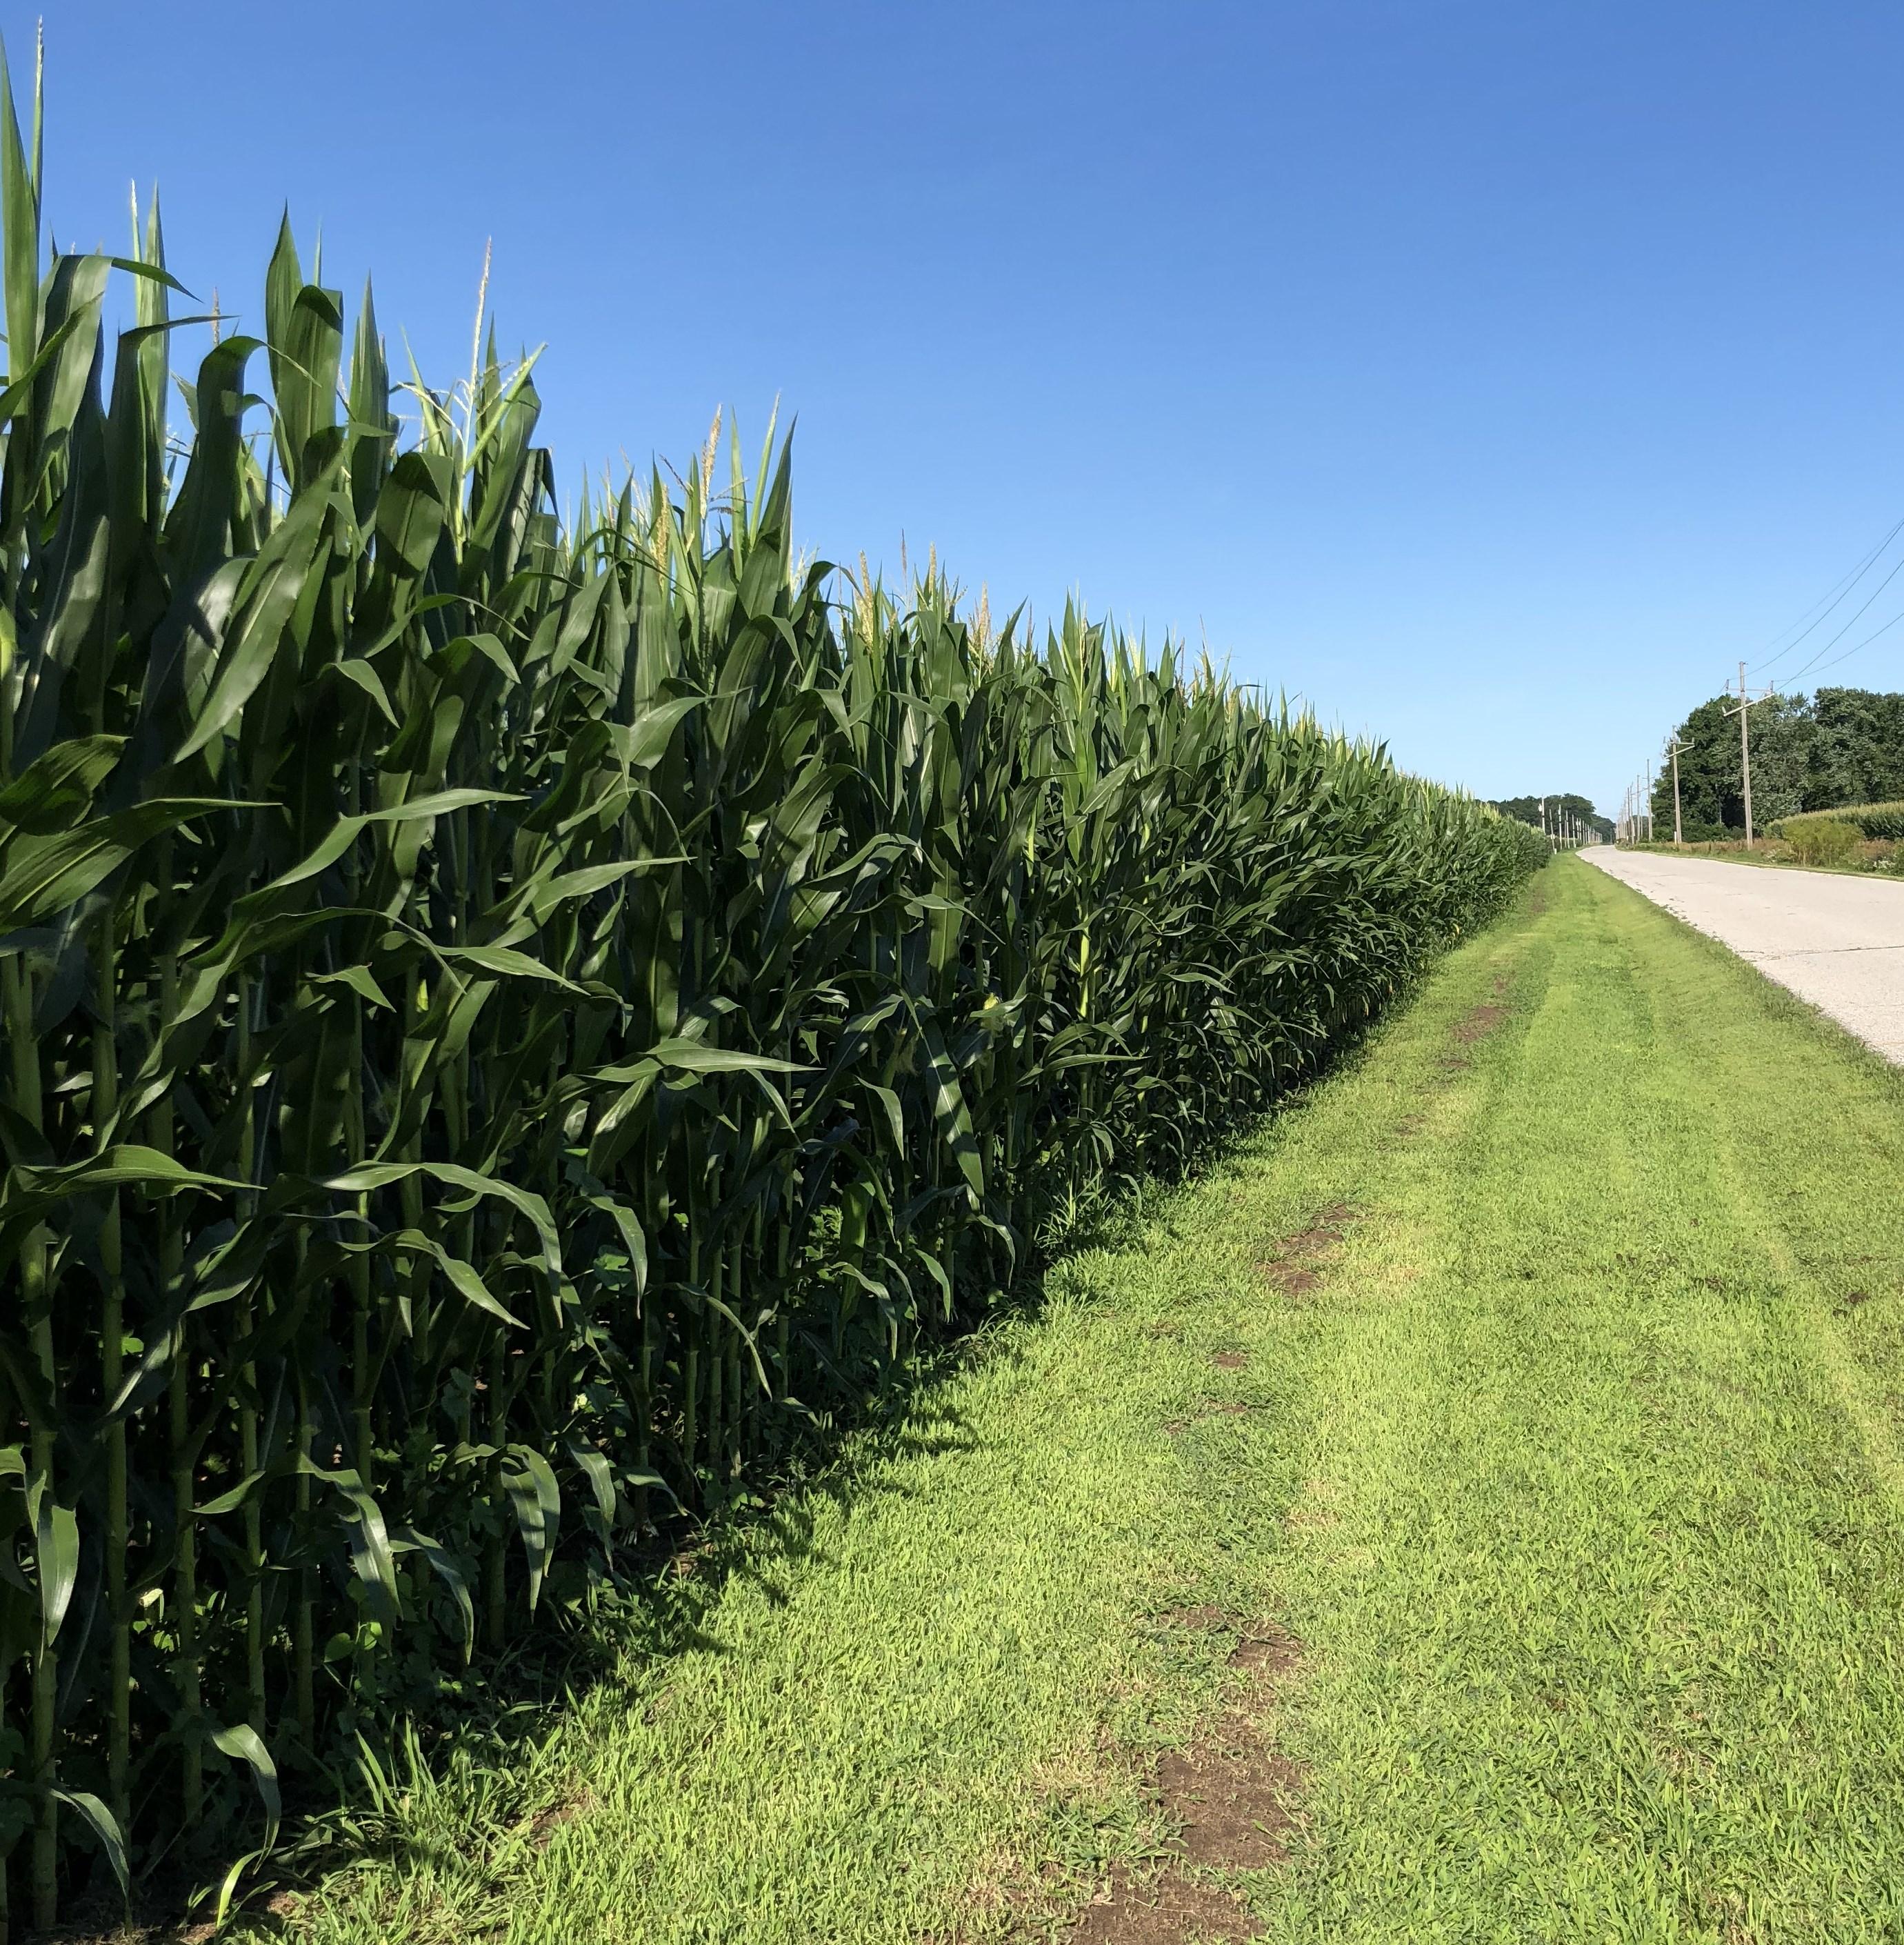 corn field along road